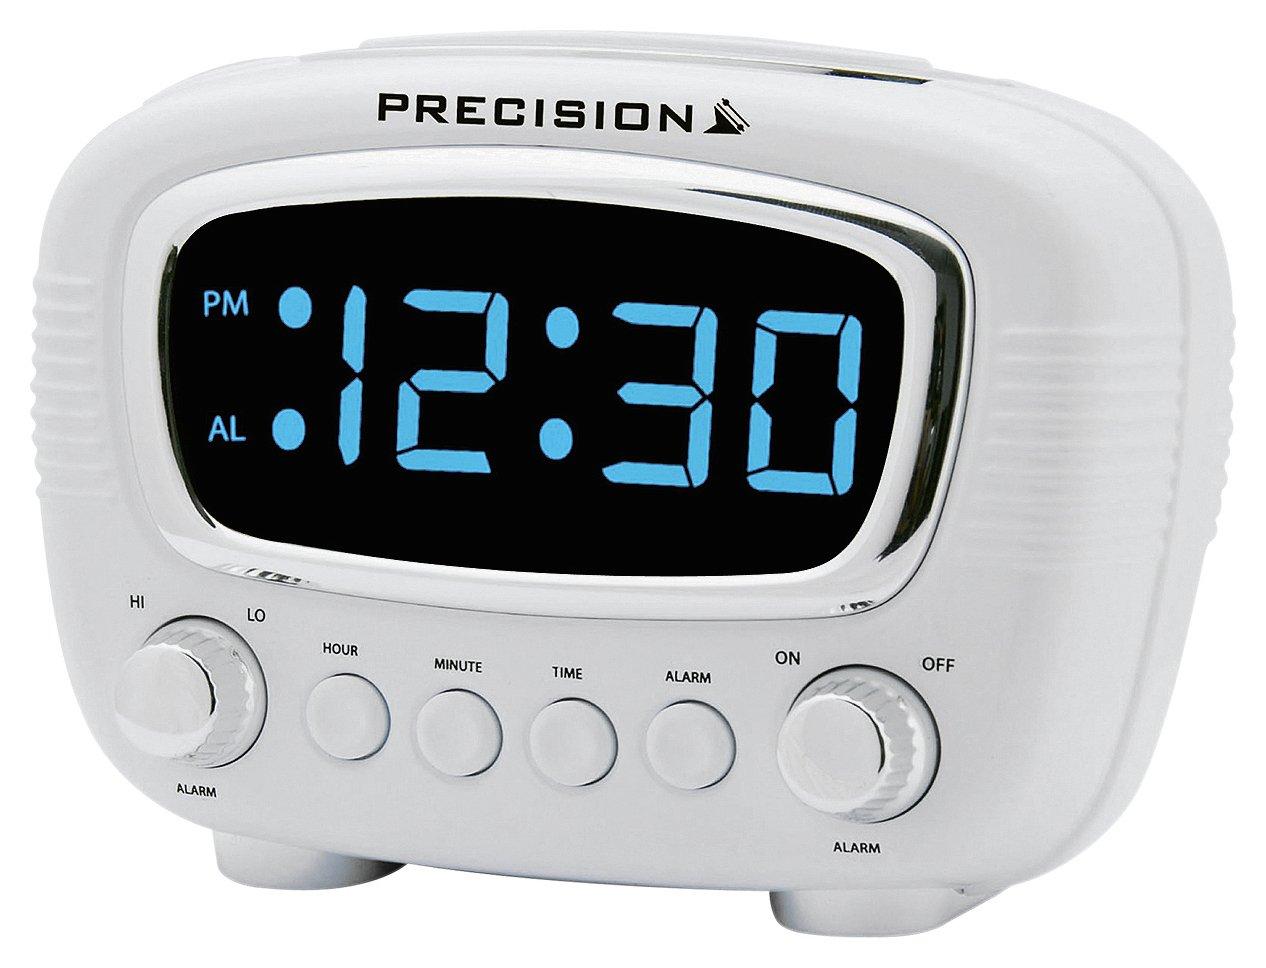 Precision Retro Radio Controlled Alarm Clock